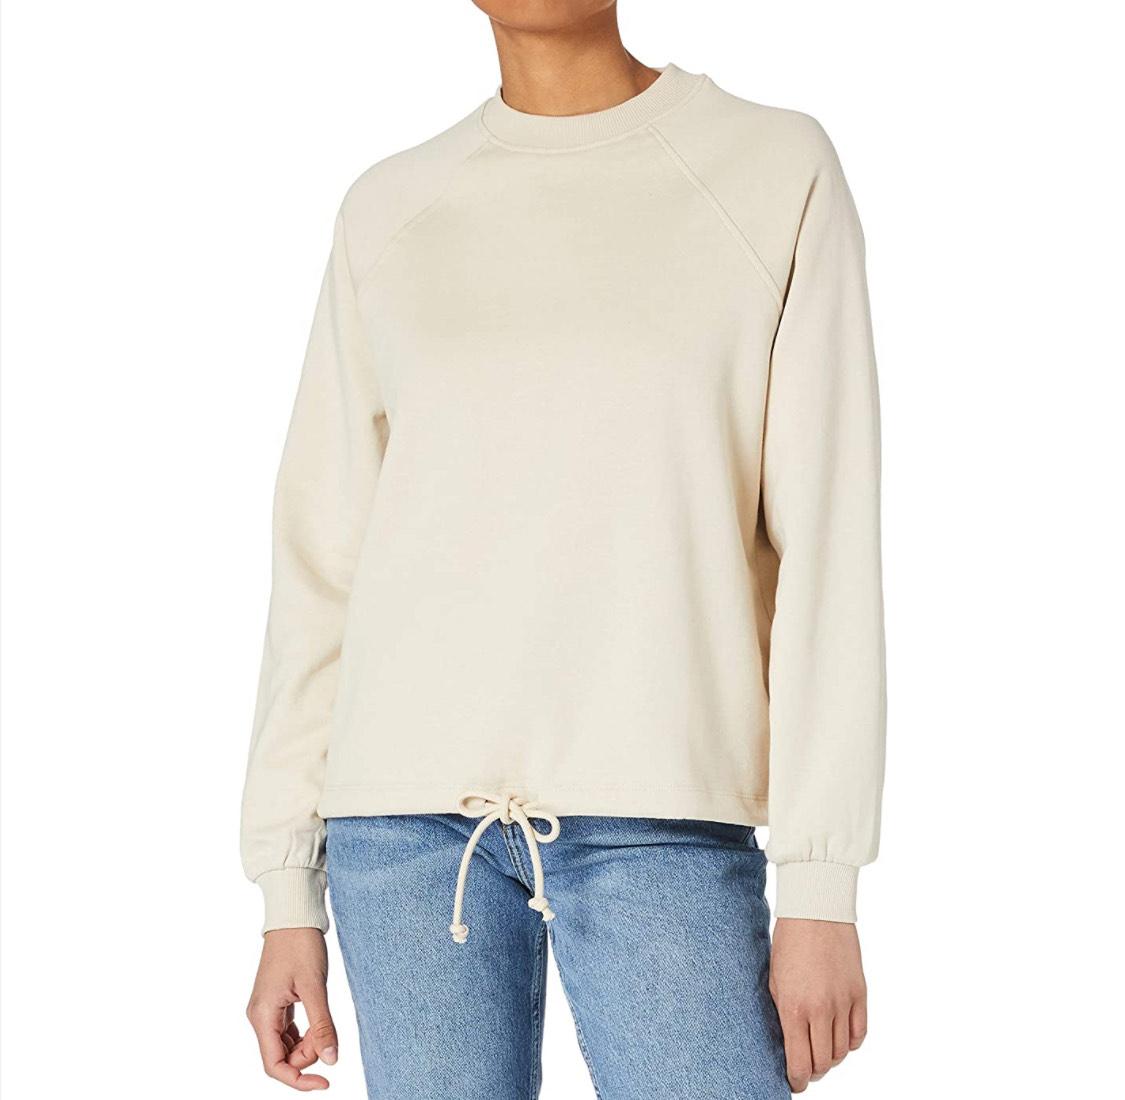 Sudadera algodón con cintura ajustable Vero Moda mujer talla S.